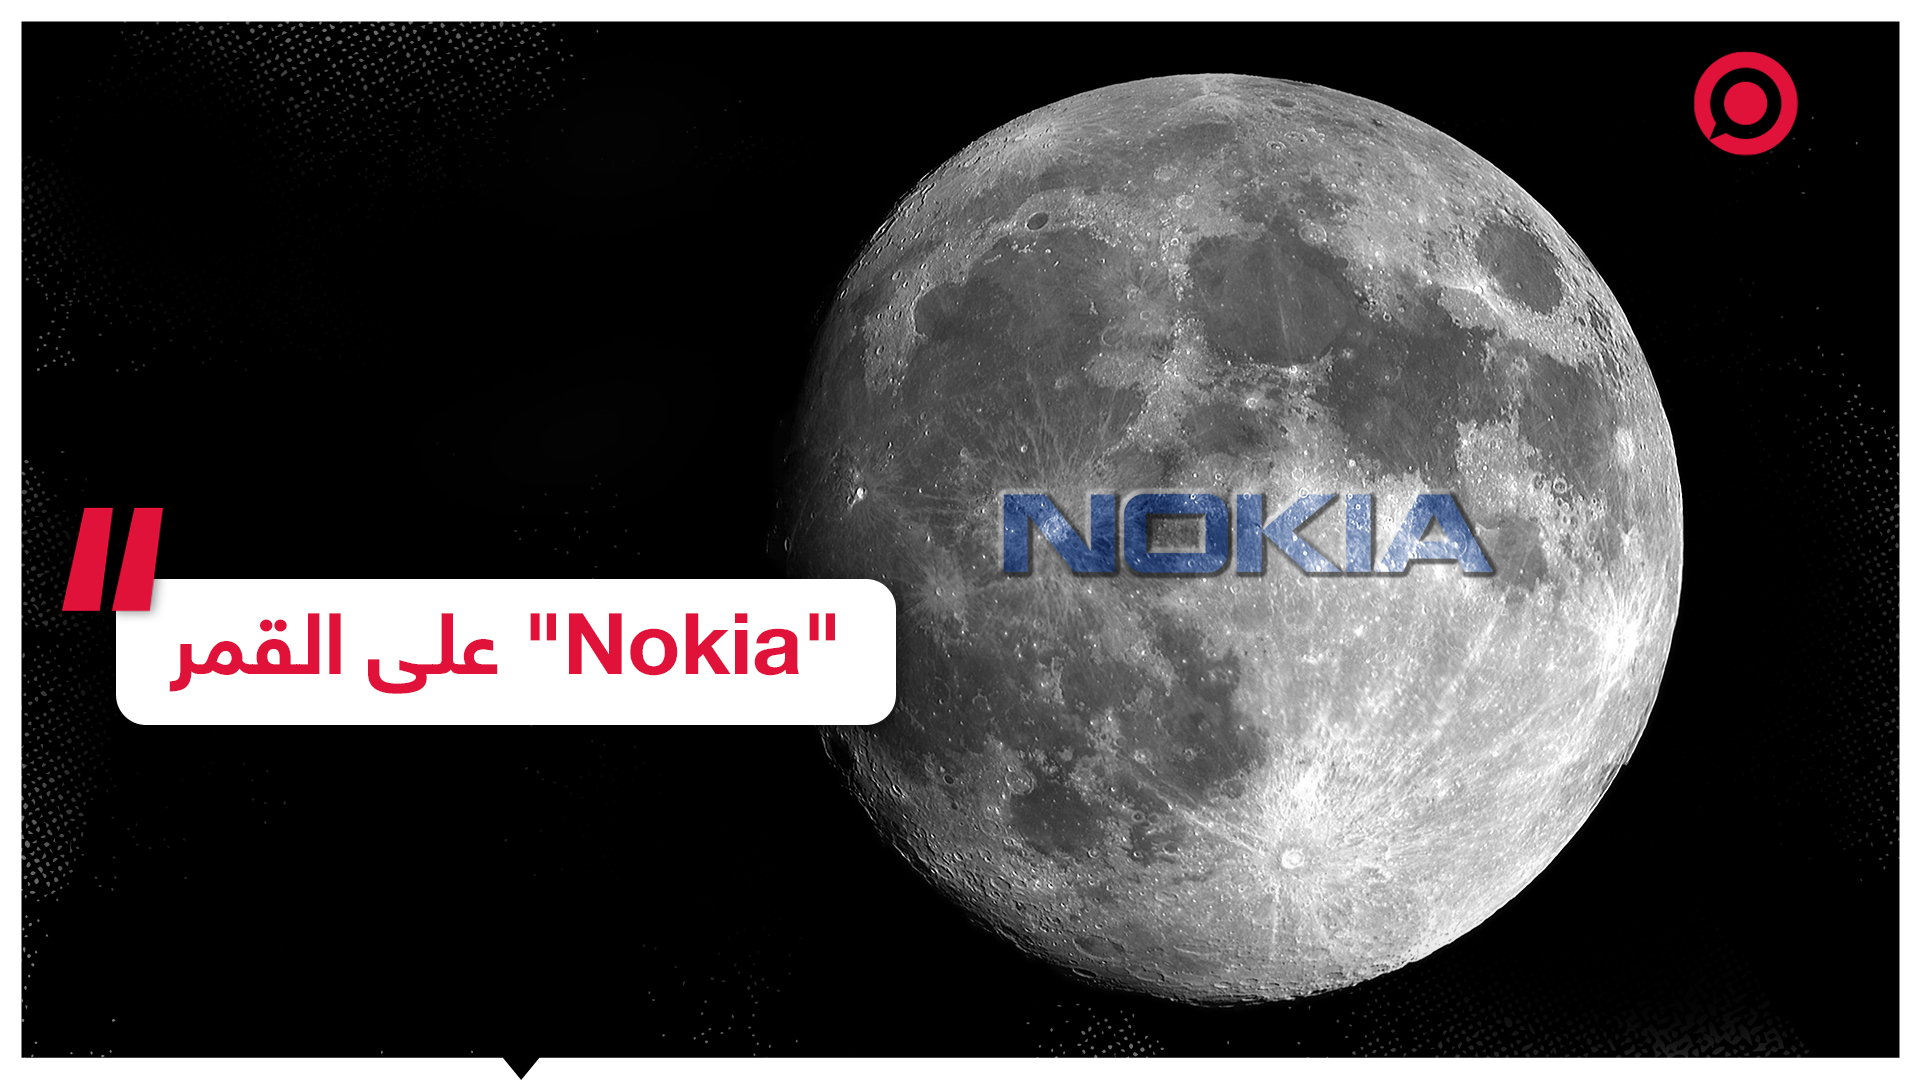 ناسا تختار نوكيا لبناء أول شبكة اتصالات خلوية على القمر وتعلن عن